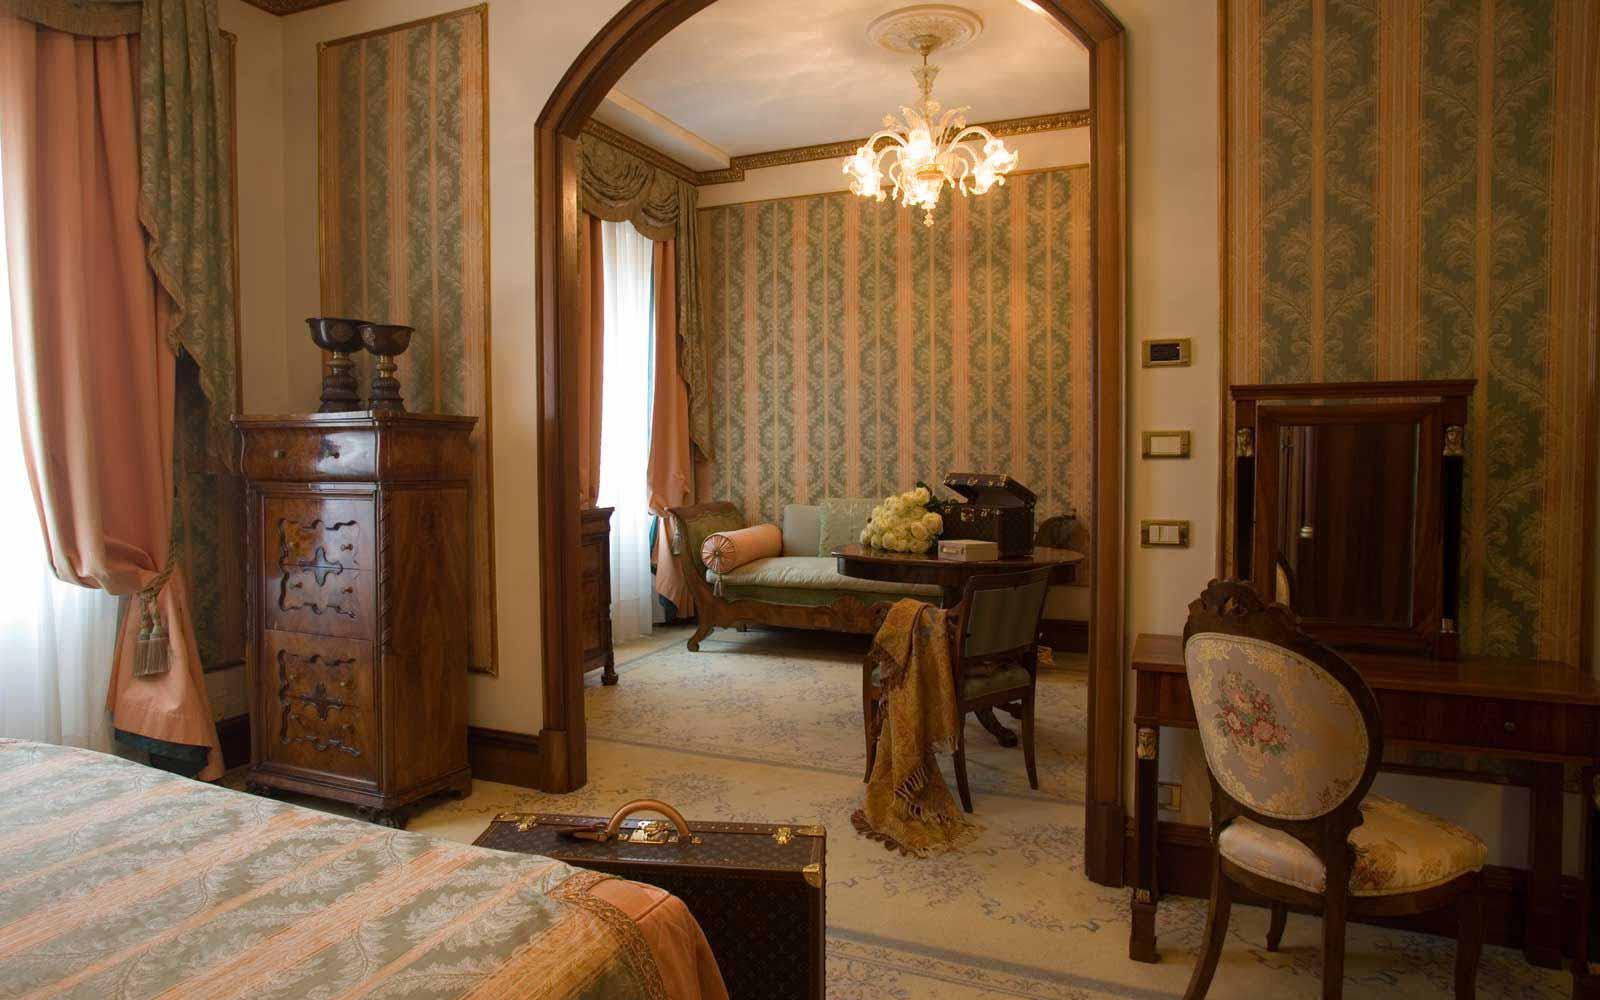 Junior suite at Due Torri Hotel